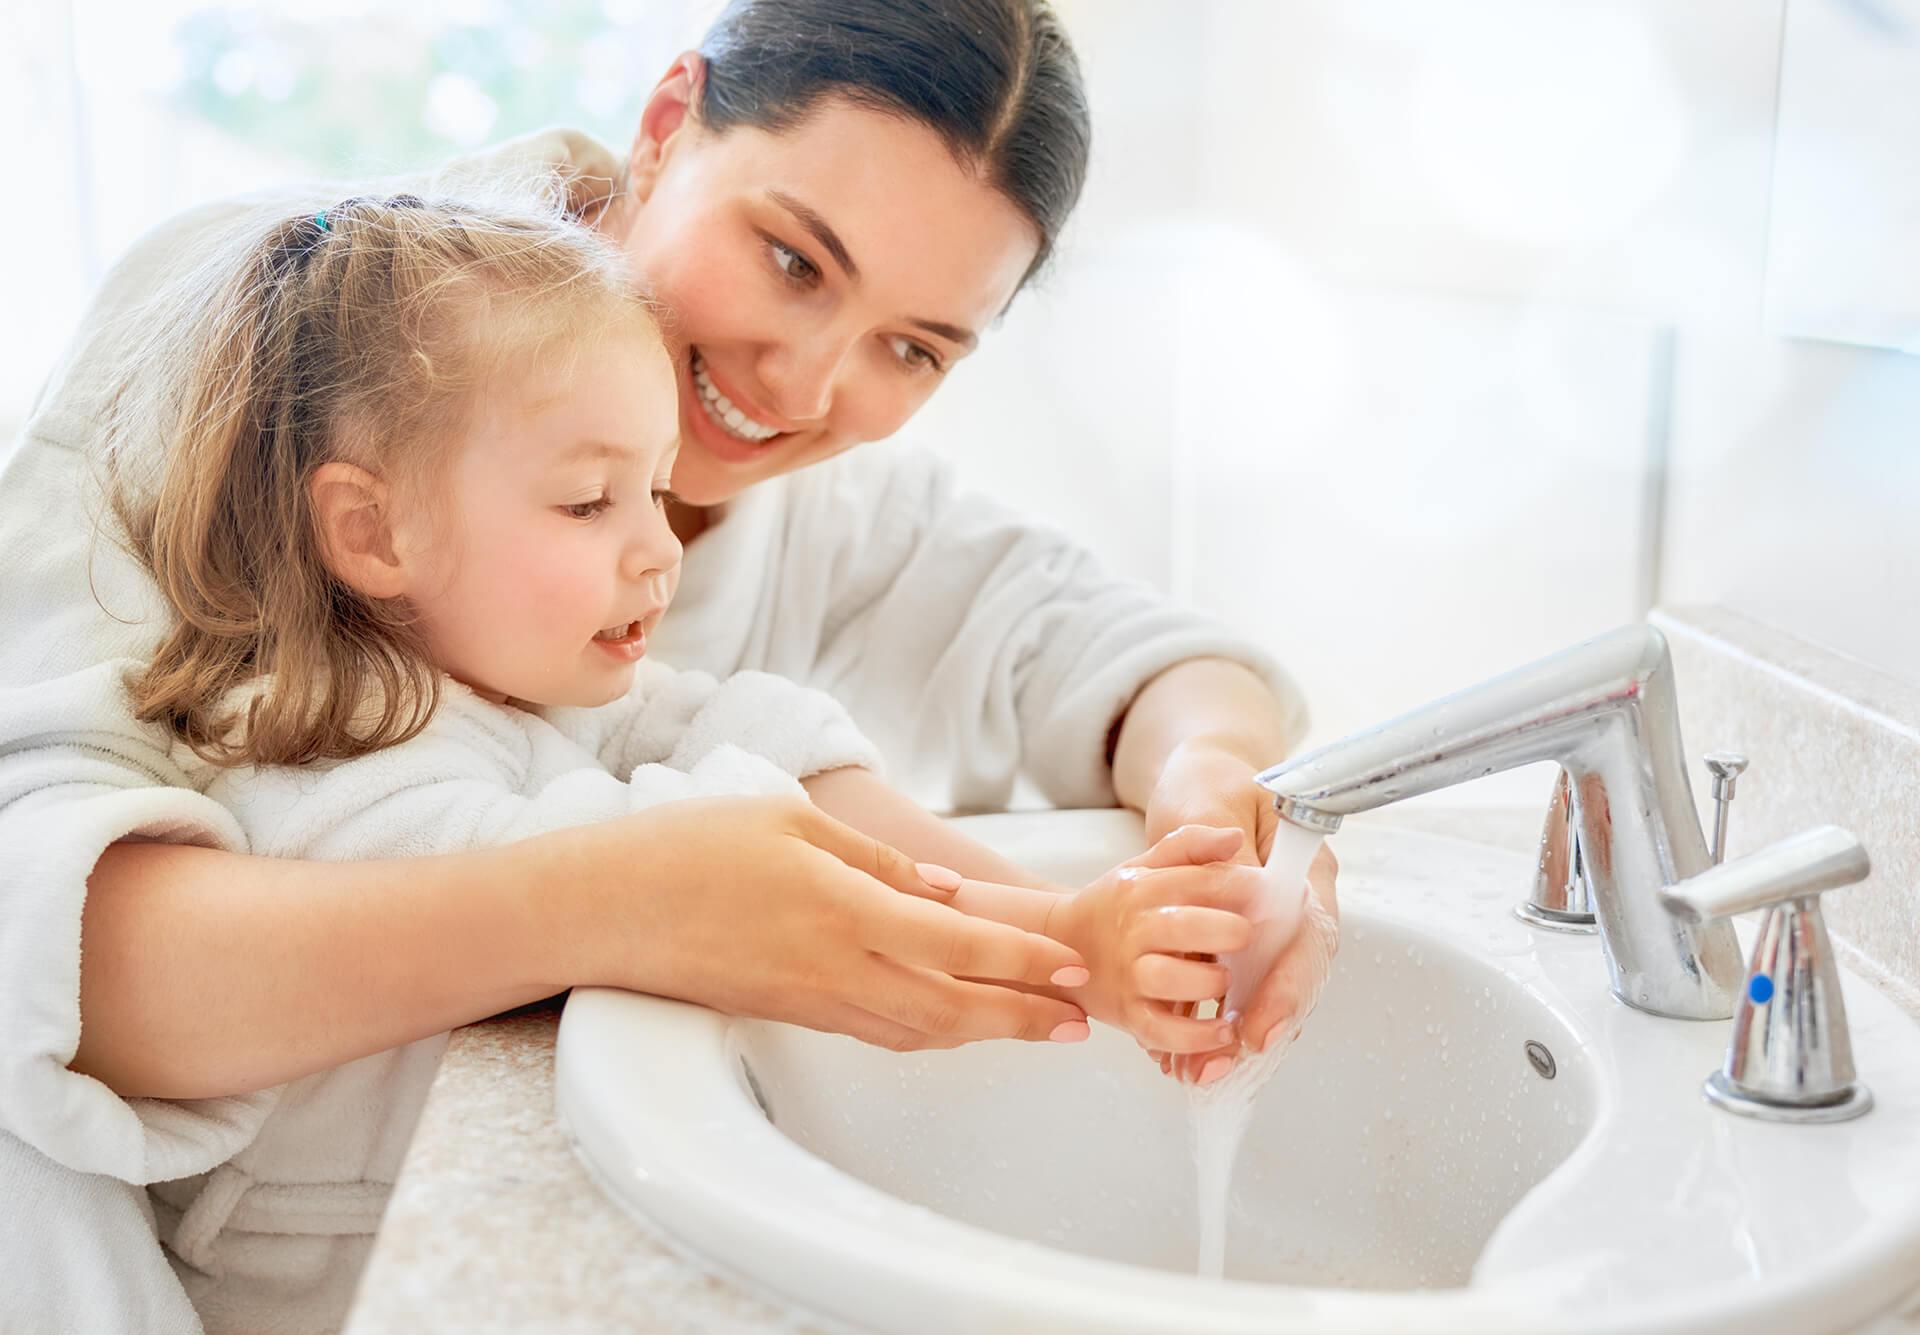 Handwashing: How to Teach Children Good Hand Hygiene - Mt. Elizabeth Academy